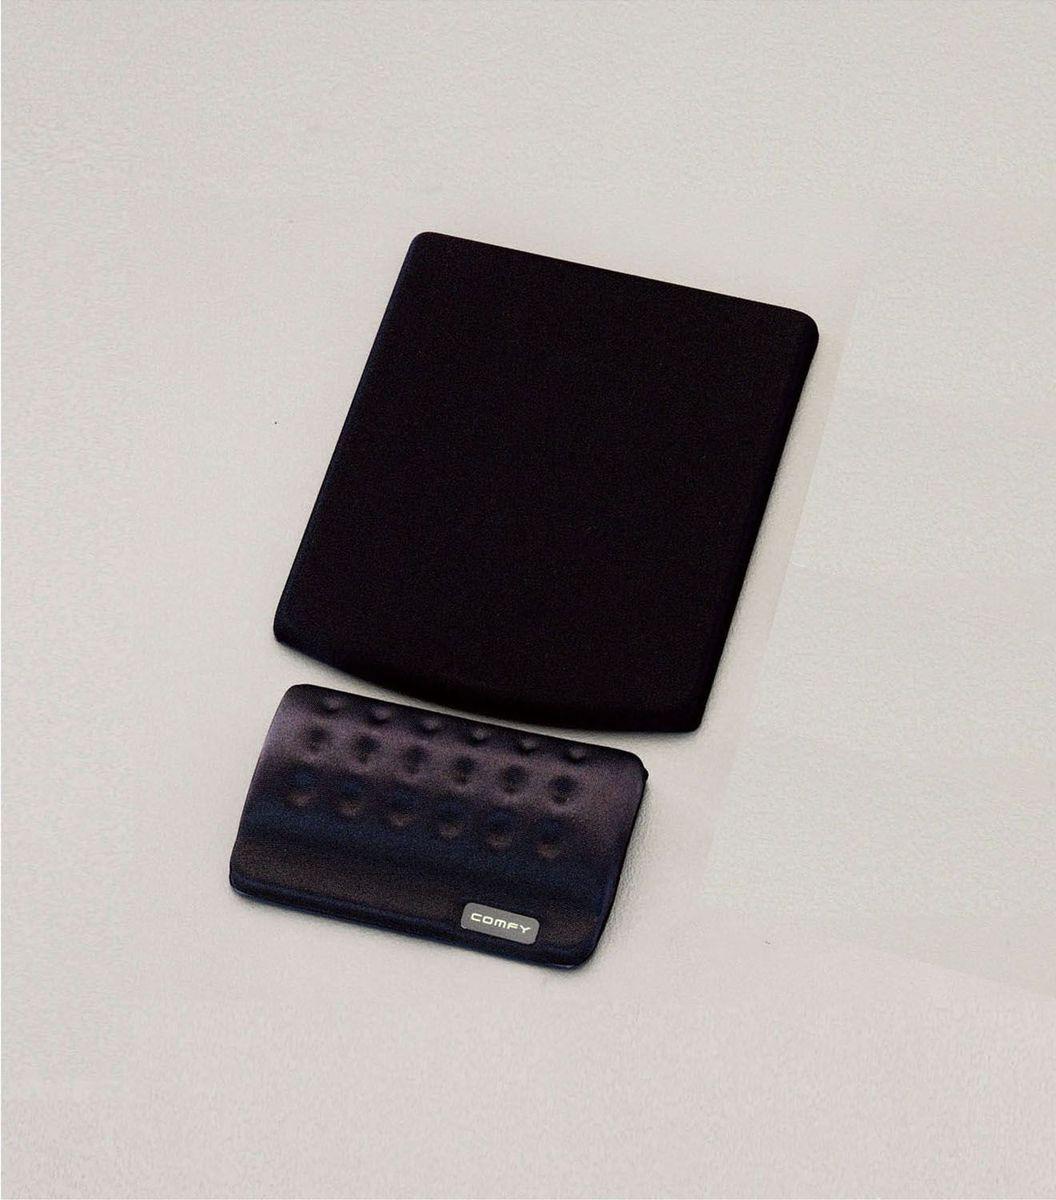 【メーカー在庫あり】 エスコ ESCO 135x155x10mm リストレスト付 マウスパッド(ブラック) 000012204069 JP